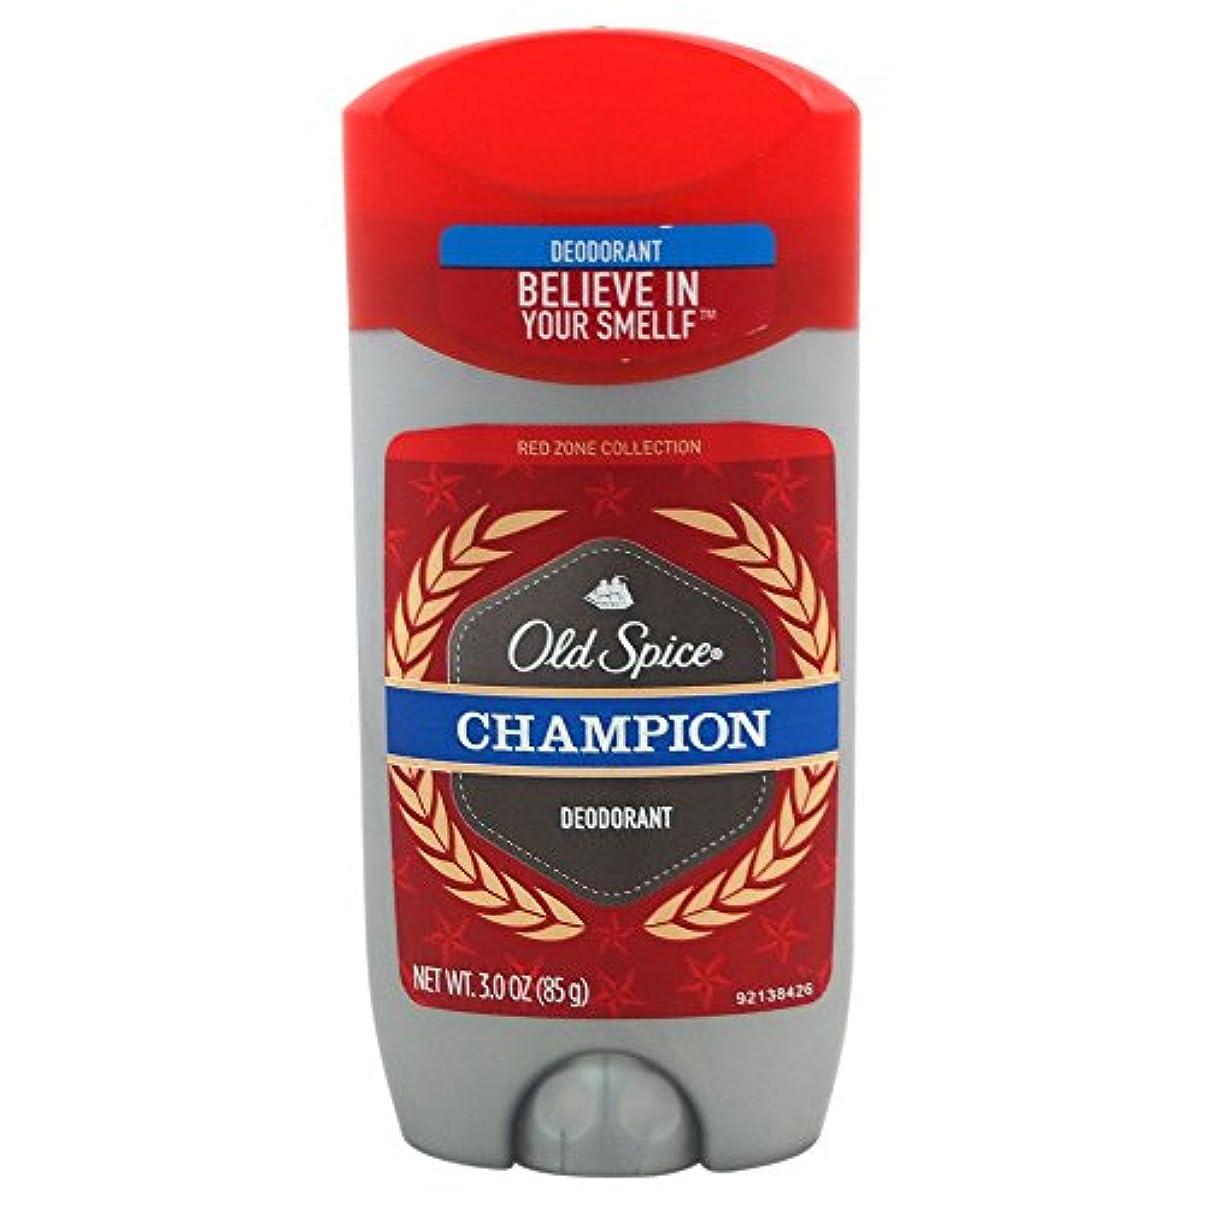 橋脚炭水化物よりオールドスパイス(Old Spice) Deodorant デオドラント Red zone CHAMPION/チャンピョン 85g[並行輸入品]